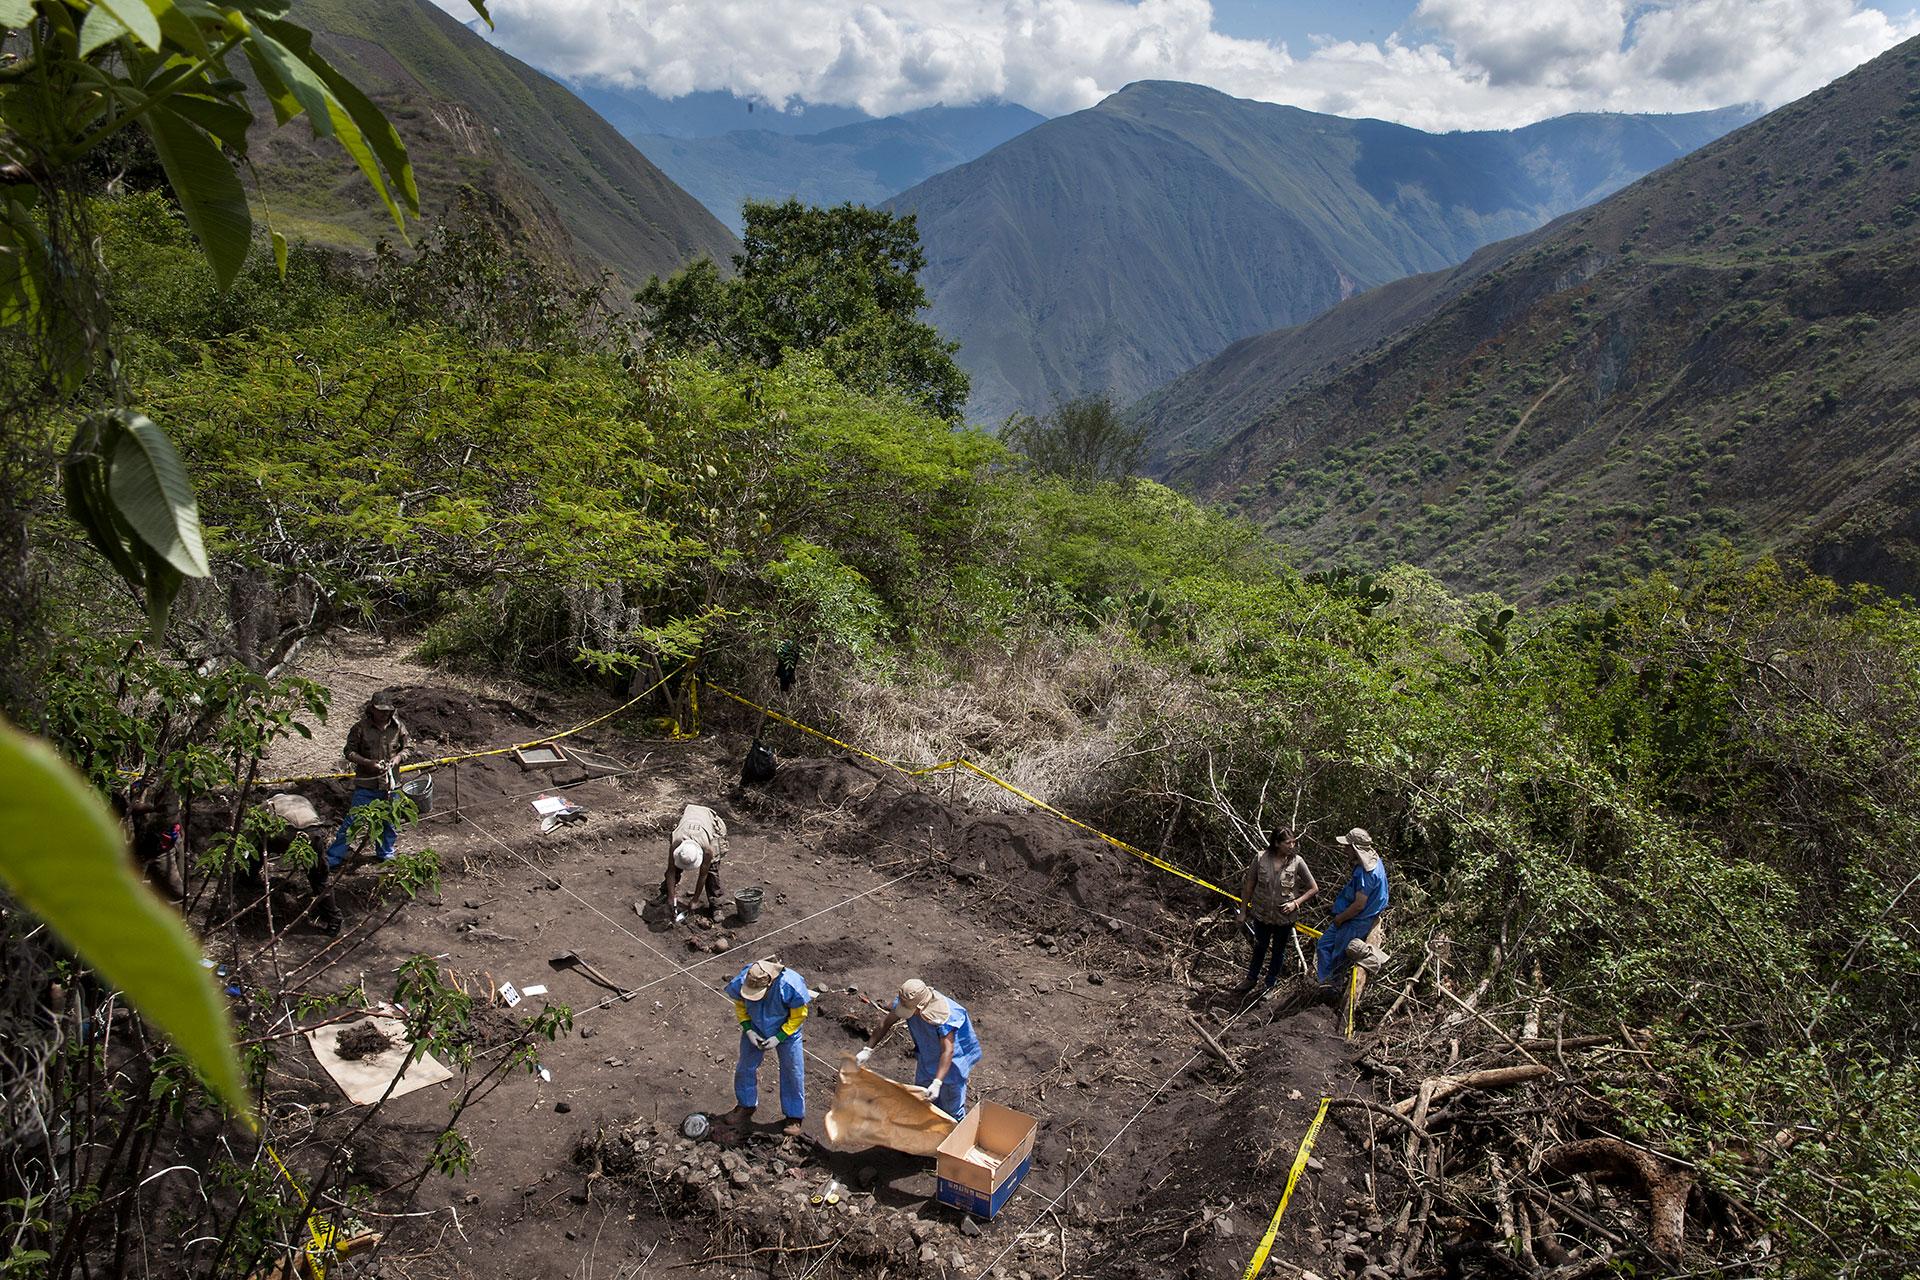 Cuatro fosas son localizadas en Suyrurupampa; lo encontrado aquí es espantoso: trece menores de entre 2 y 16 años y dos mujeres de entre 25 y 40 años, probablemente fusilados/as y desmembrados/as, según observan los especialistas en las lesiones de los huesos, ocasionadas por fusil de guerra y proyectiles del ejército peruano que se encontraron en el lugar. La matanza ocurrió en 1986, según las y los sobrevivientes.